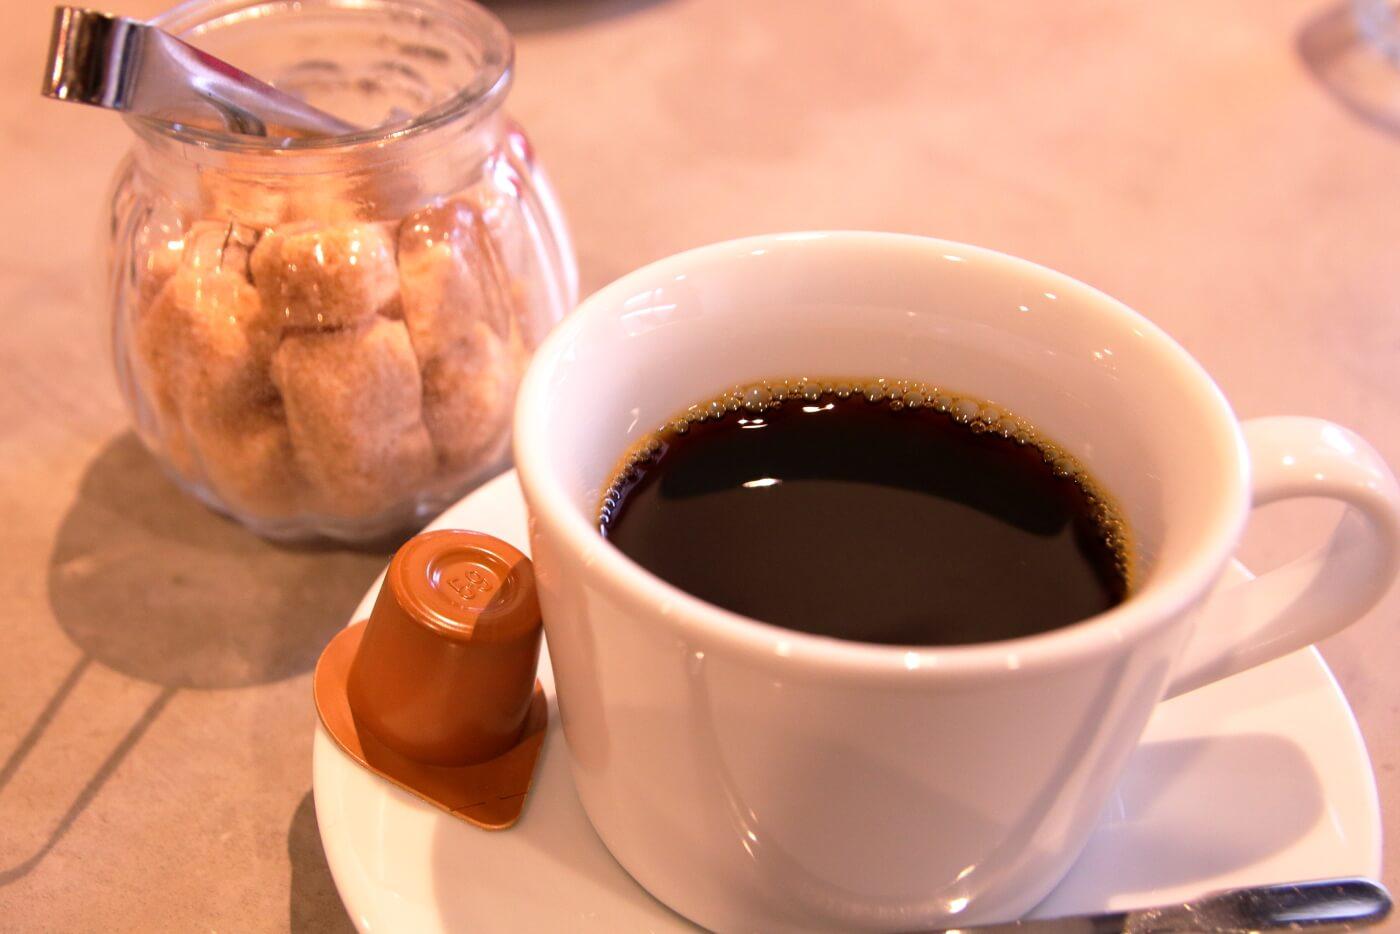 ecocca(イコッカ)高知 ランチ 食後のコーヒー